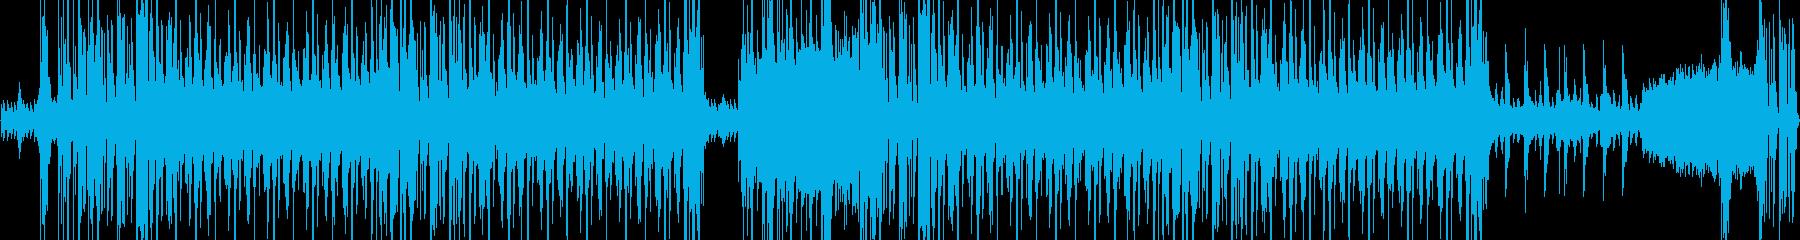 ダークだがフックのあるスローなEDMの再生済みの波形